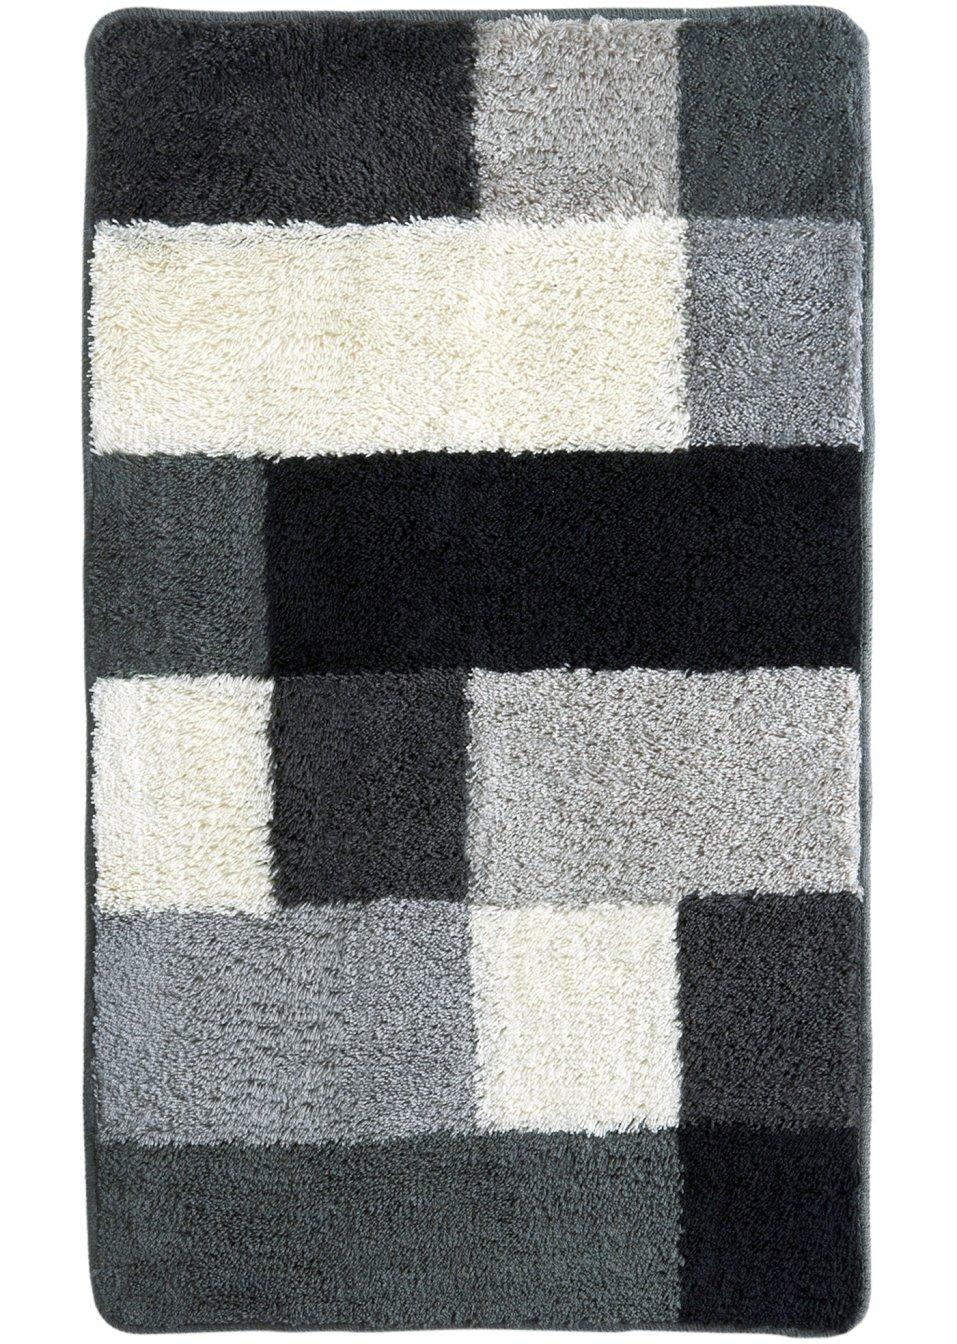 farbenfroher badespa mit der badgarnitur fun schwarz wei grau. Black Bedroom Furniture Sets. Home Design Ideas